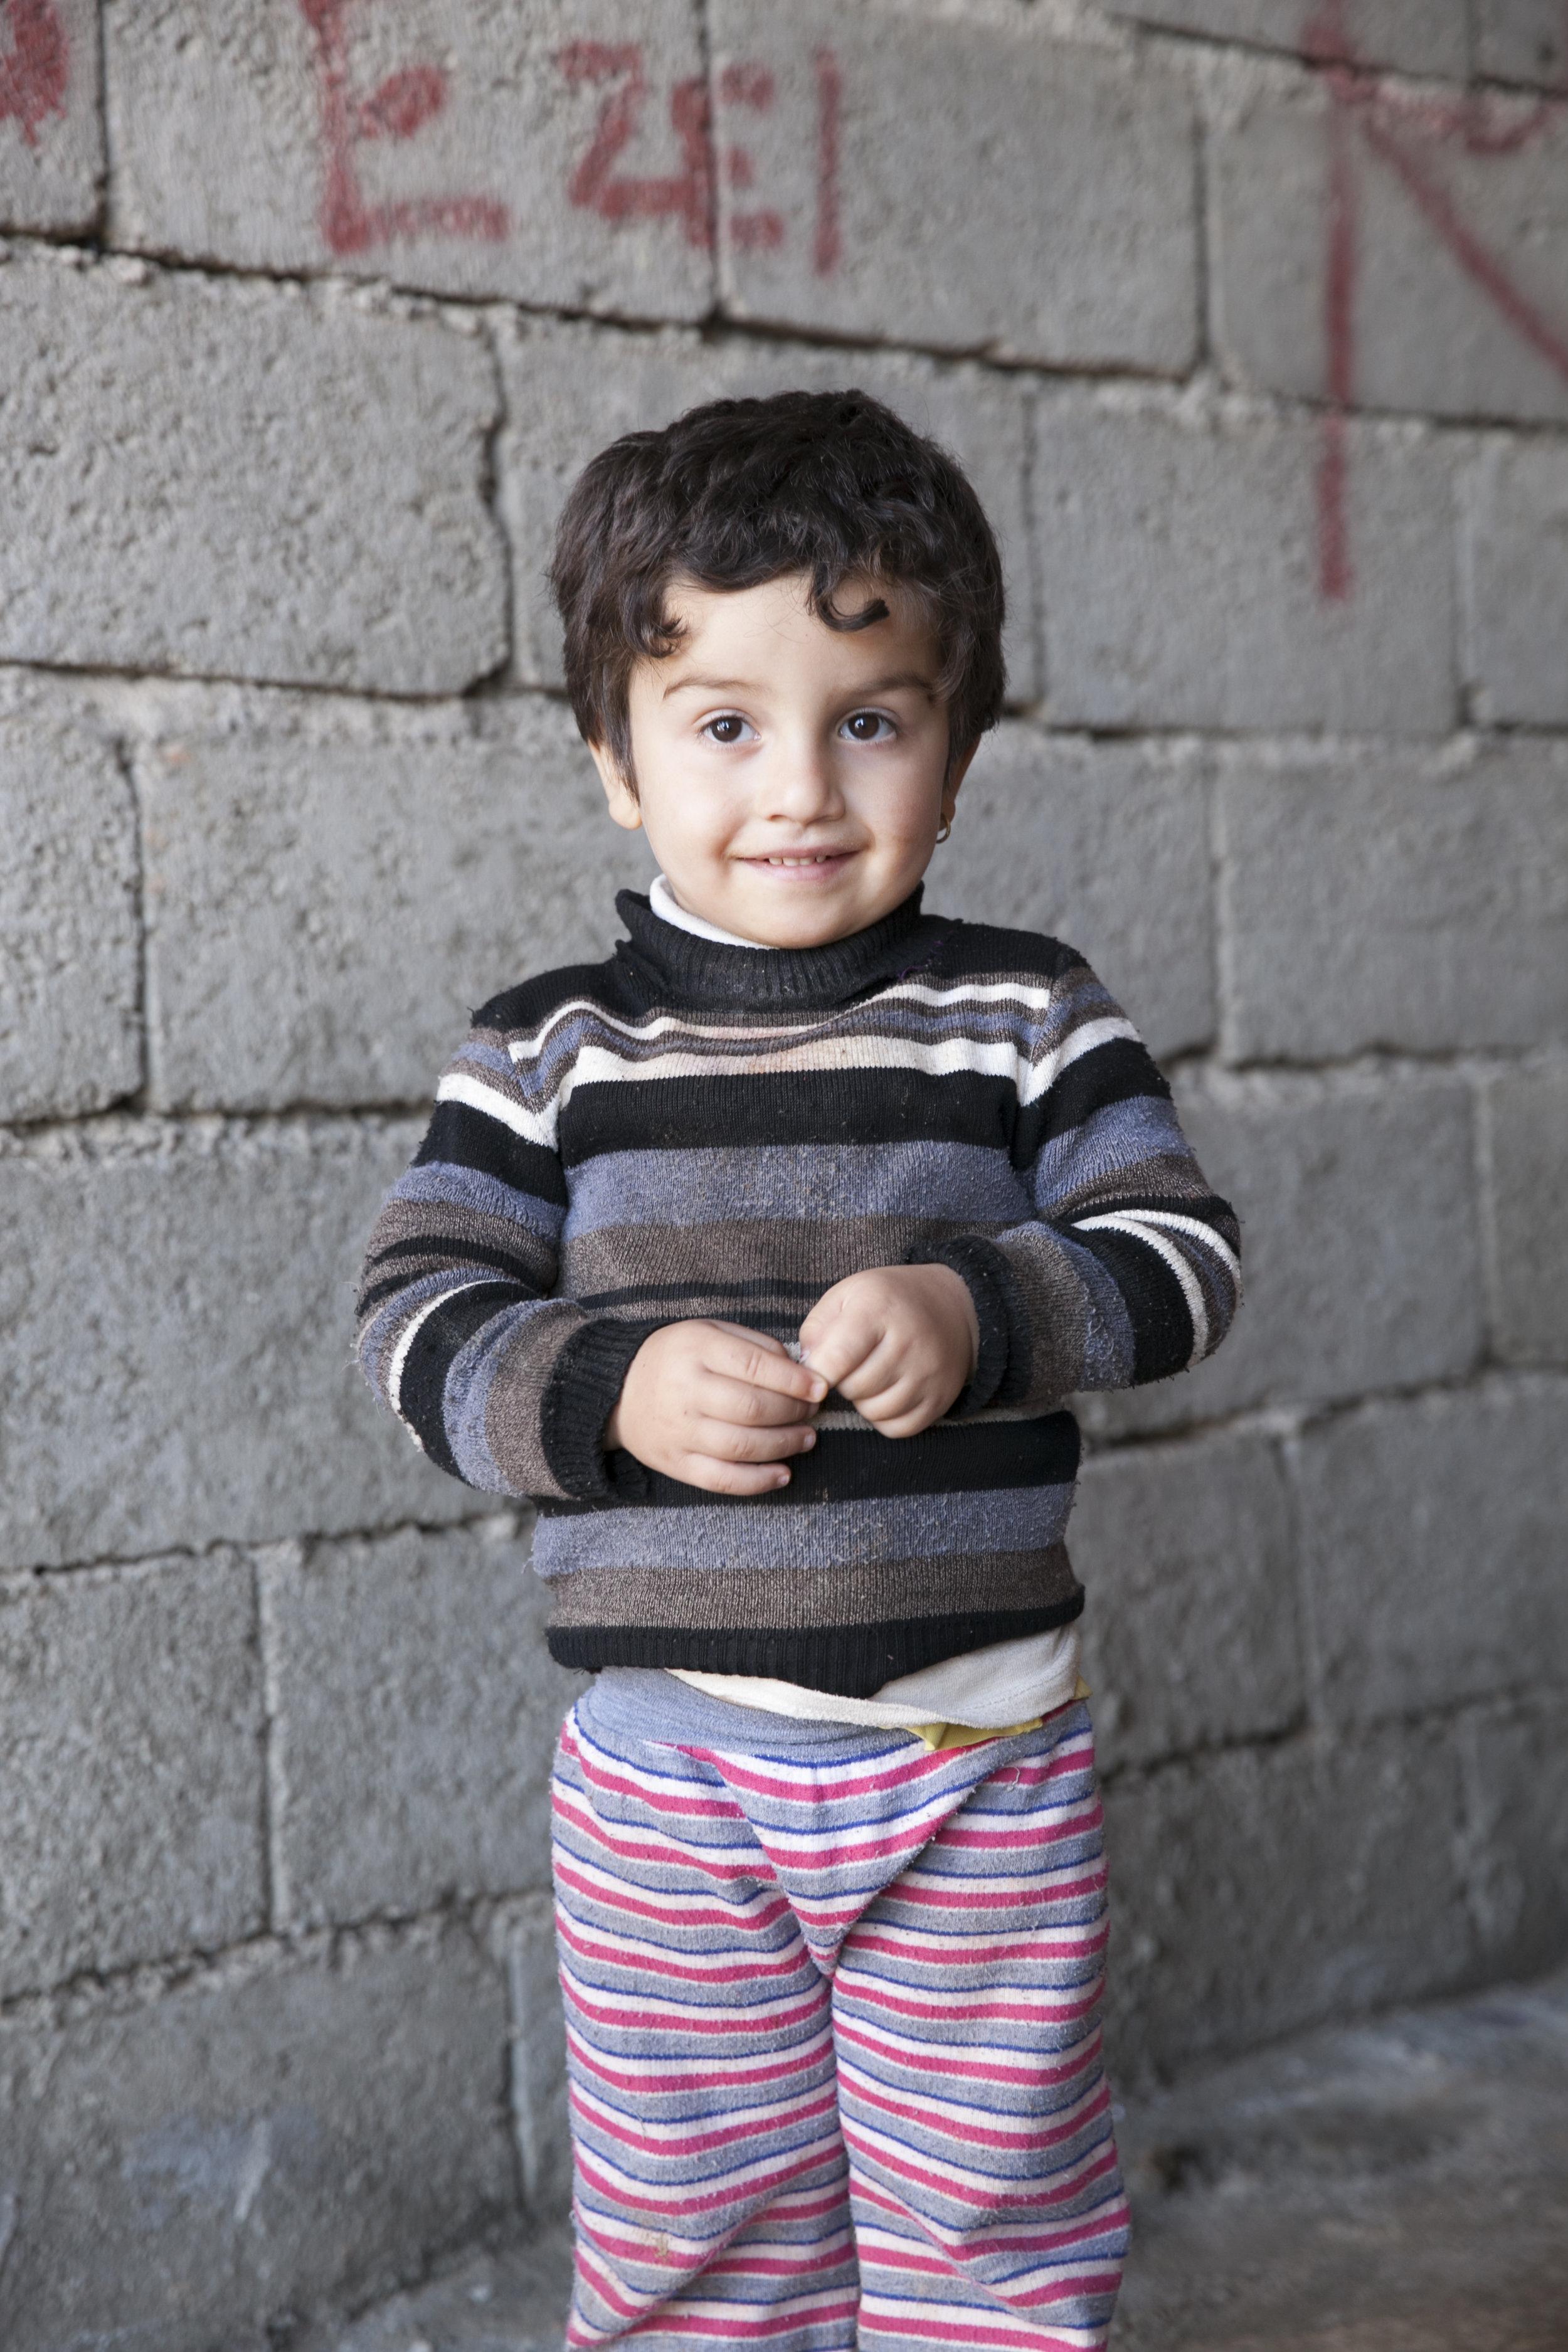 20141205_Refugee_GH_0318.jpg